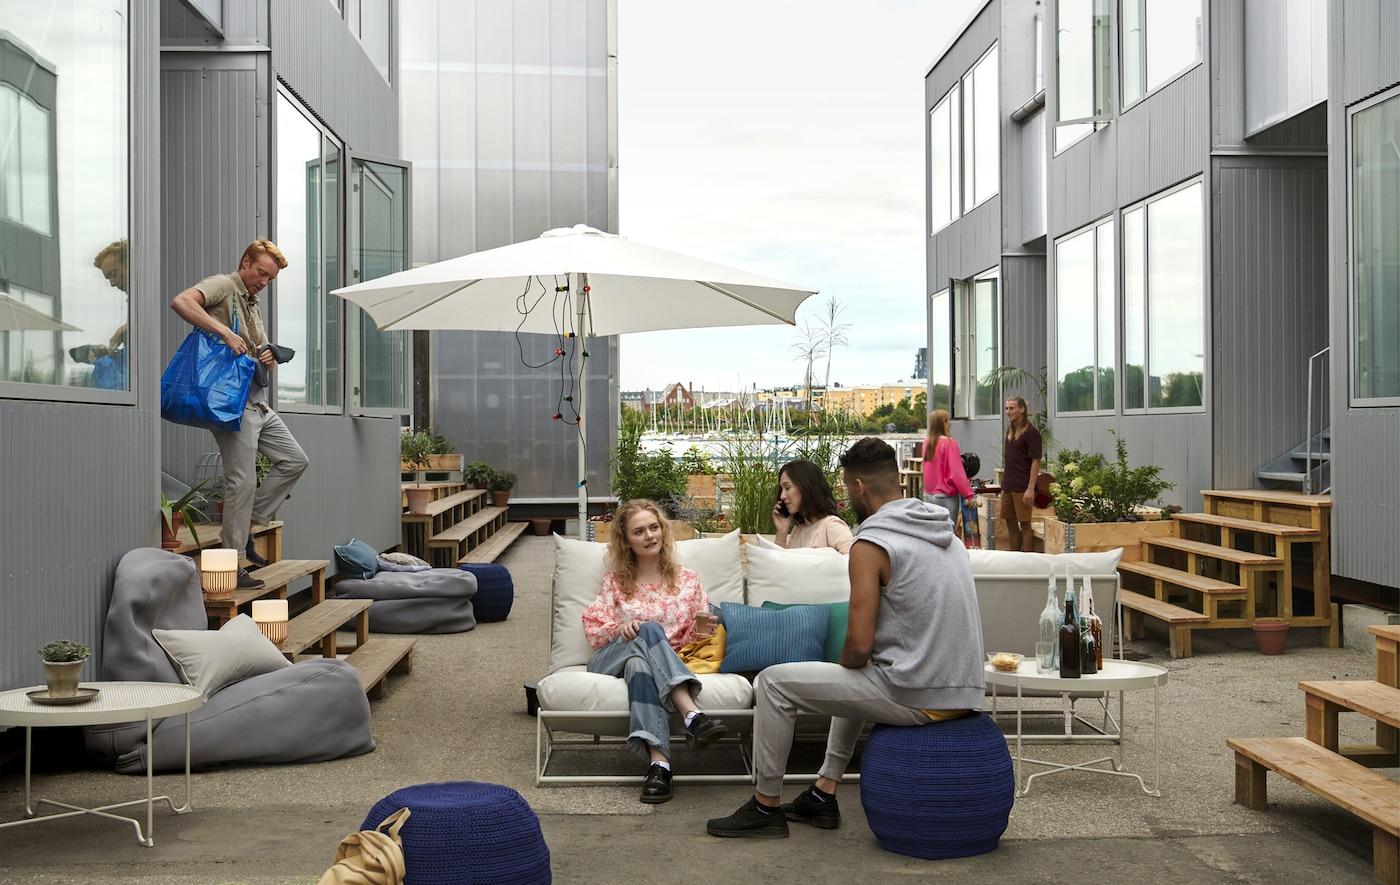 Mennesker hænger ud i sofaer og på gulvpuder med en parasol og sofaborde i et udendørsområde mellem 2 skibscontainere.